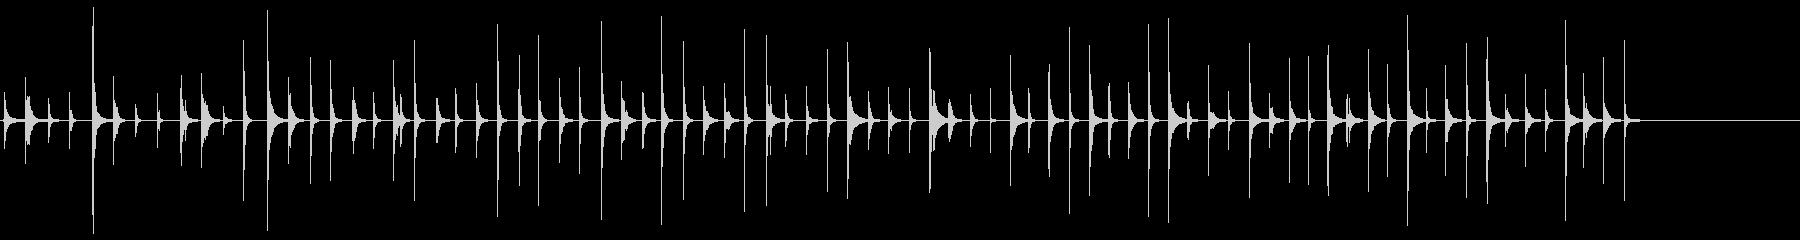 漫画-ディンマシンの未再生の波形